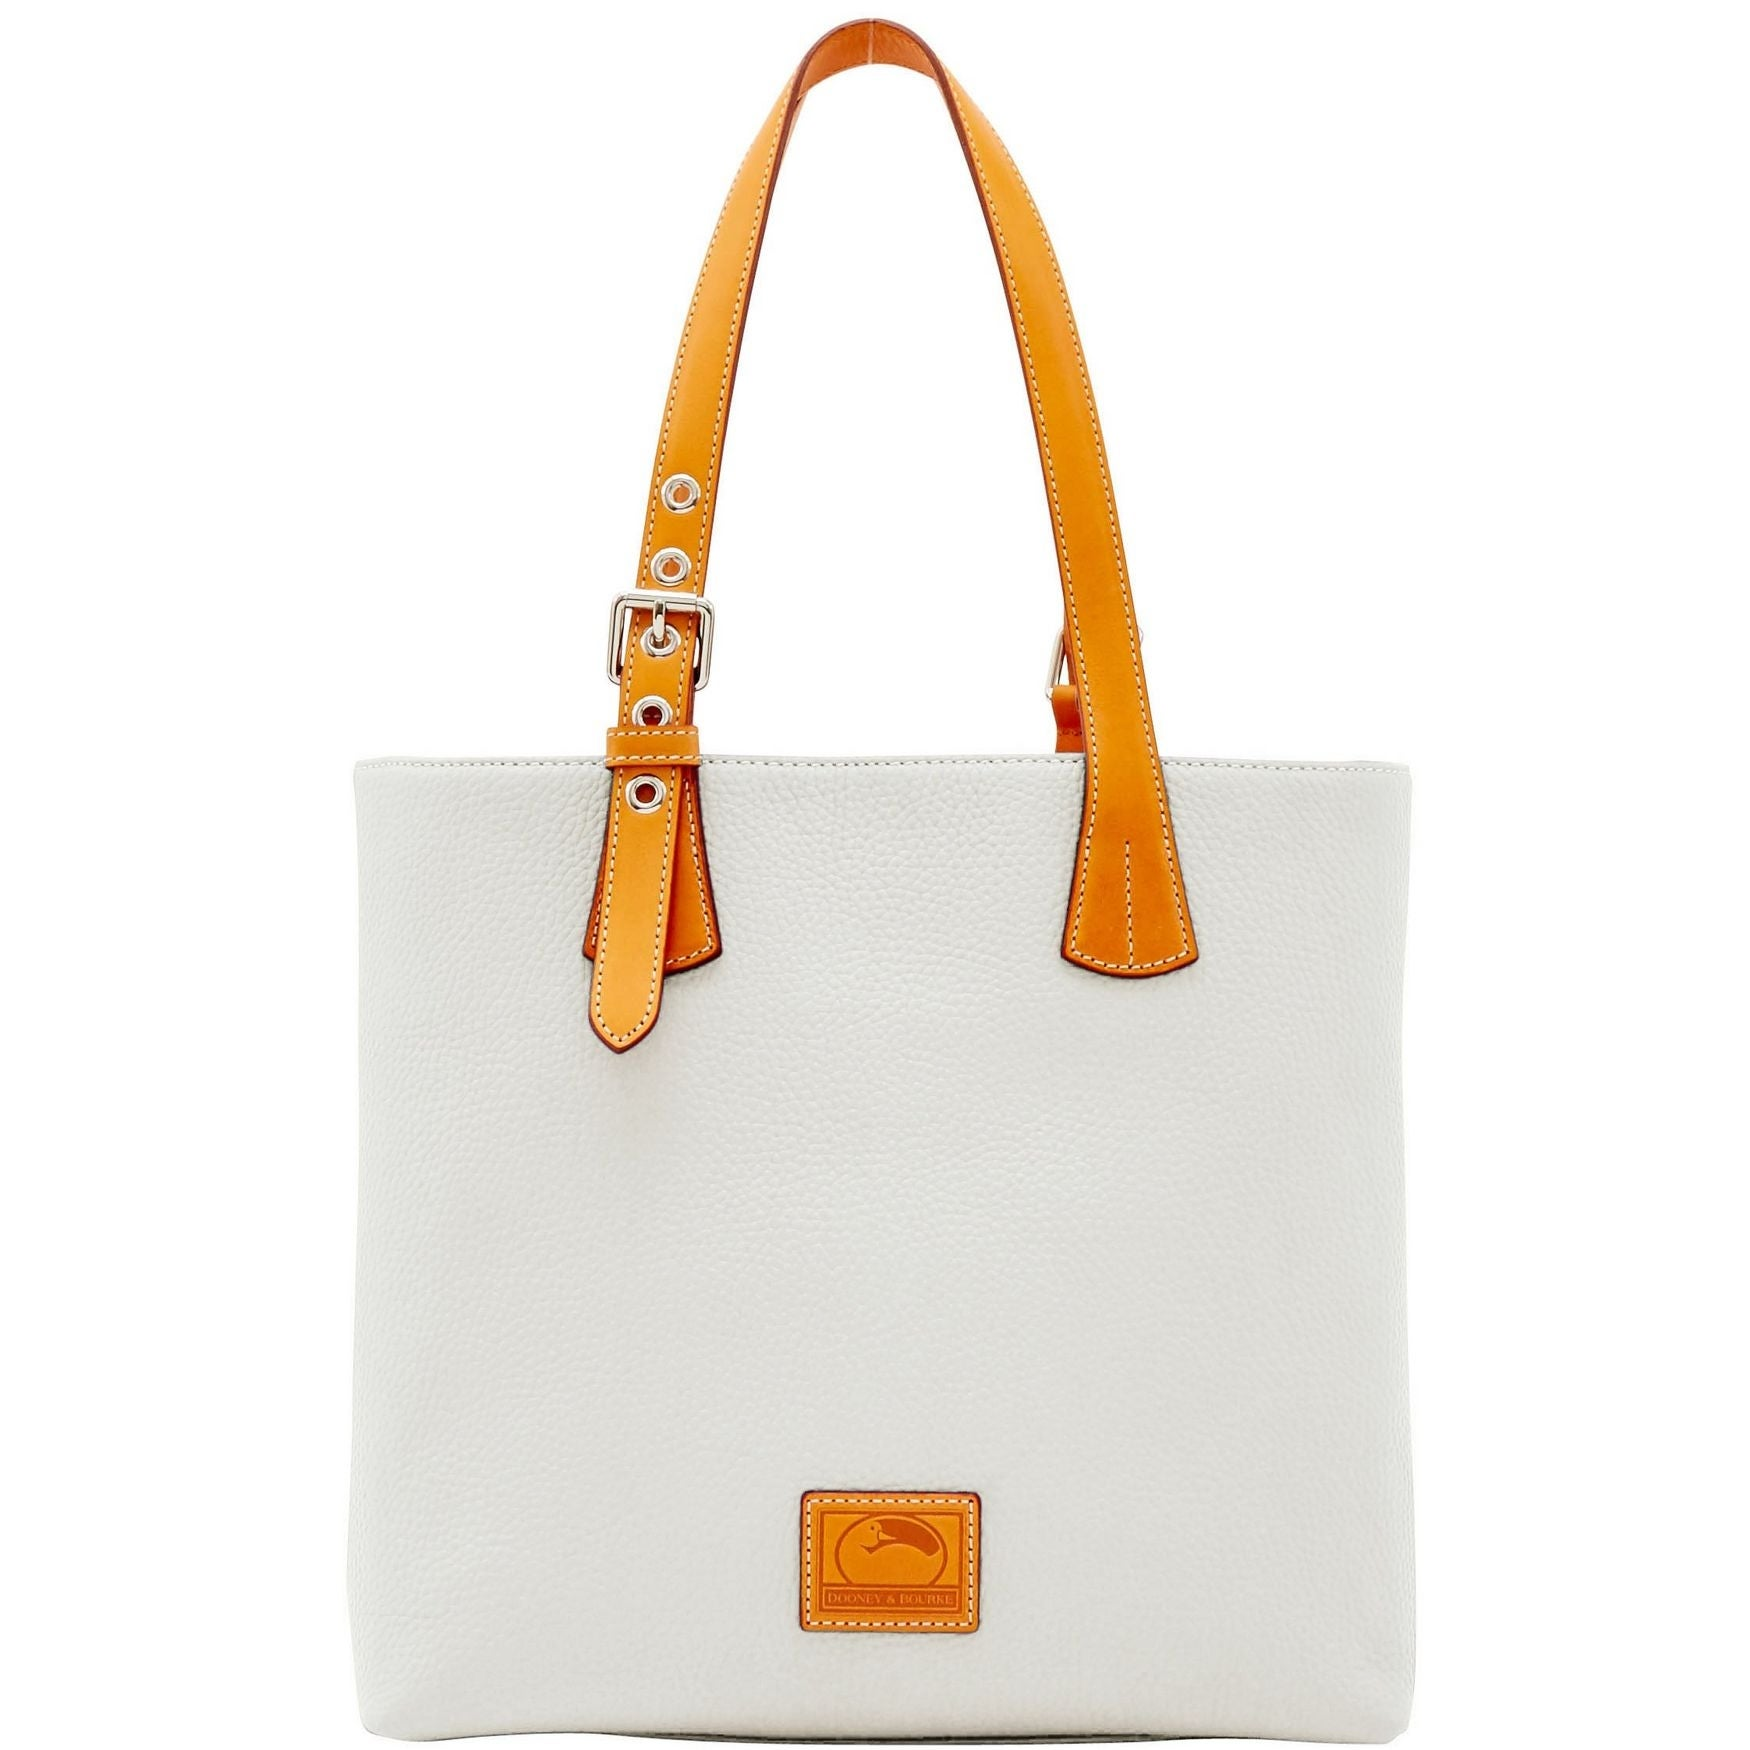 4aaefaa5efa6 Designer Handbags